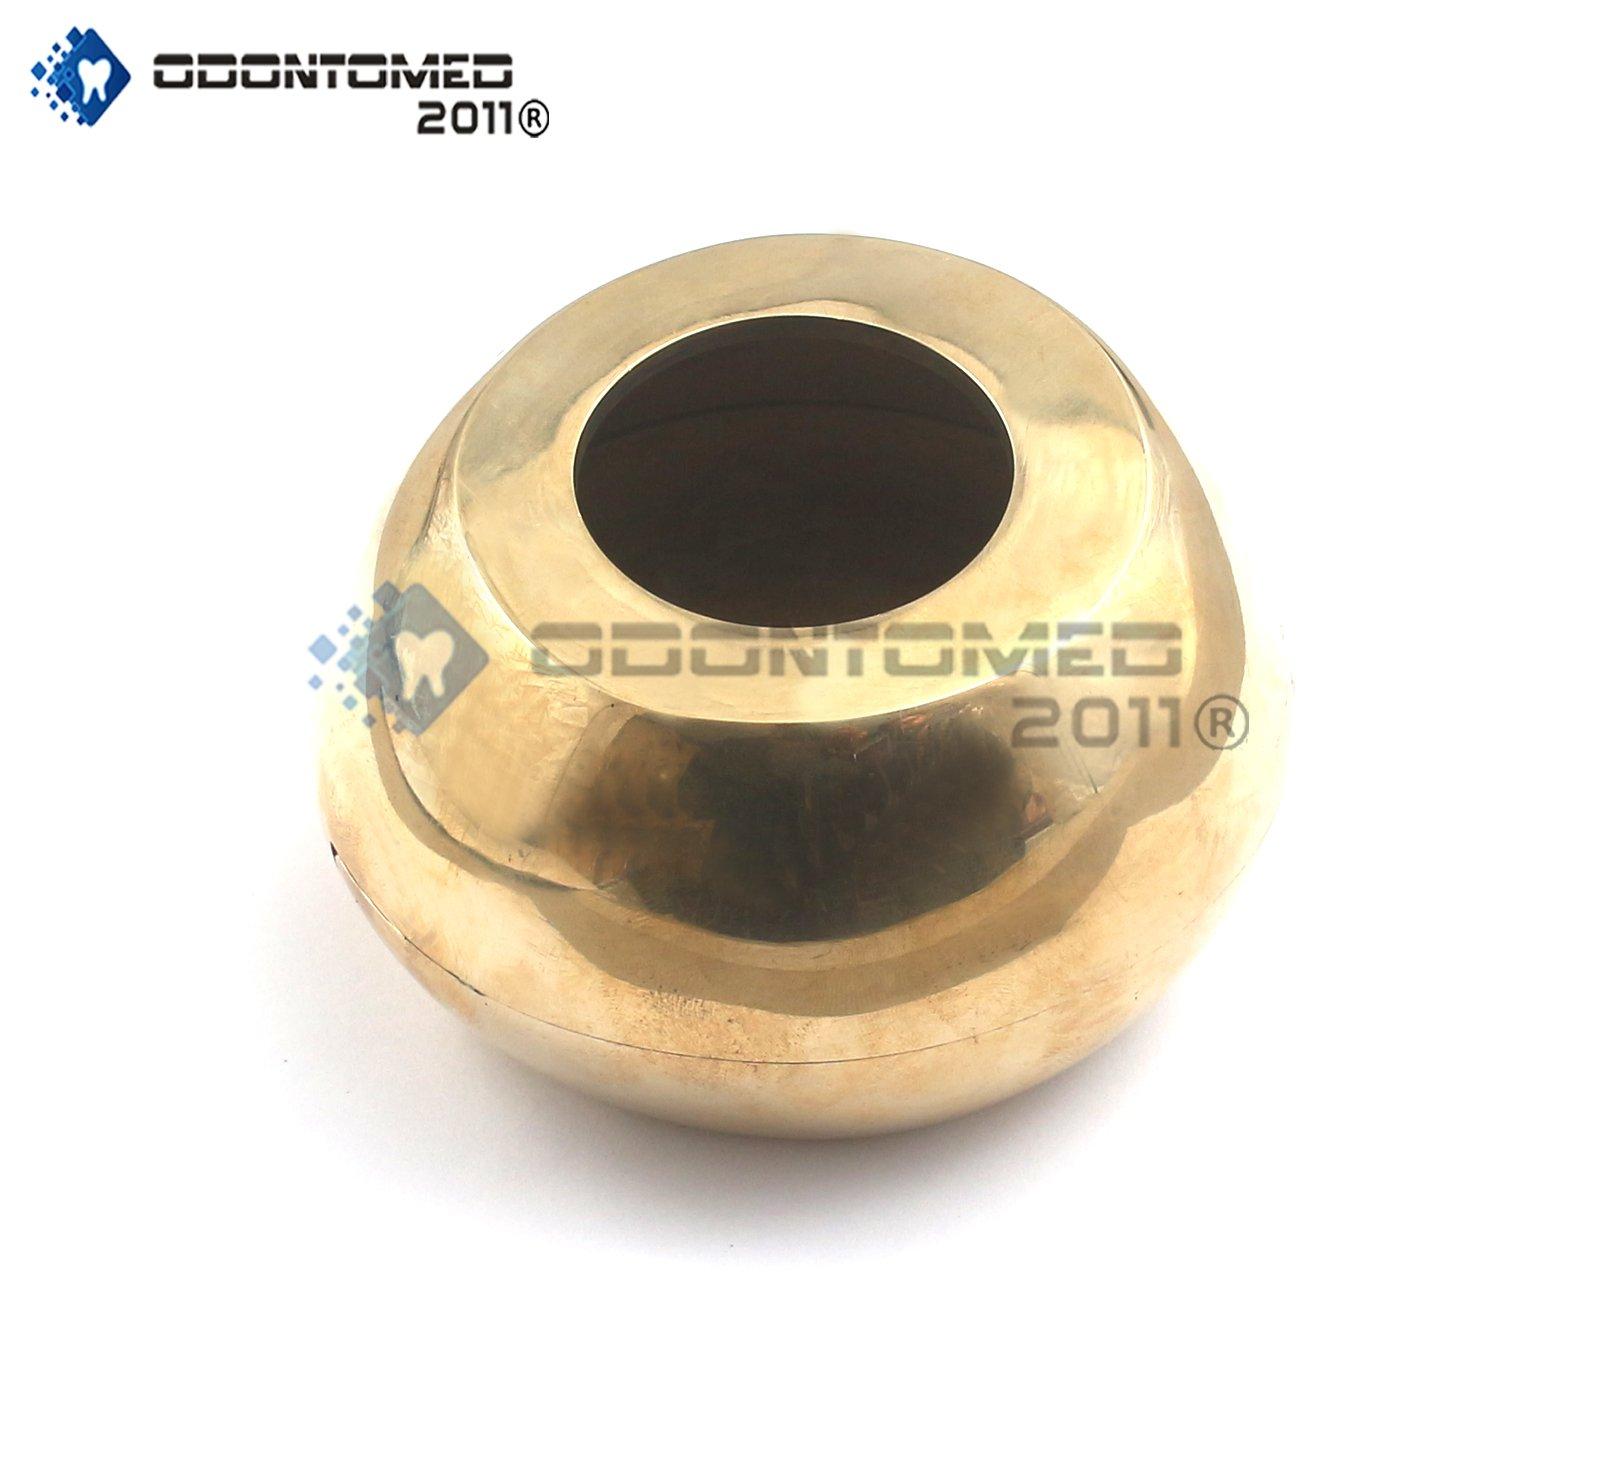 OdontoMed2011 Brass Denture Flask for Dental Oral Hygiene ODM by ODONTOMED